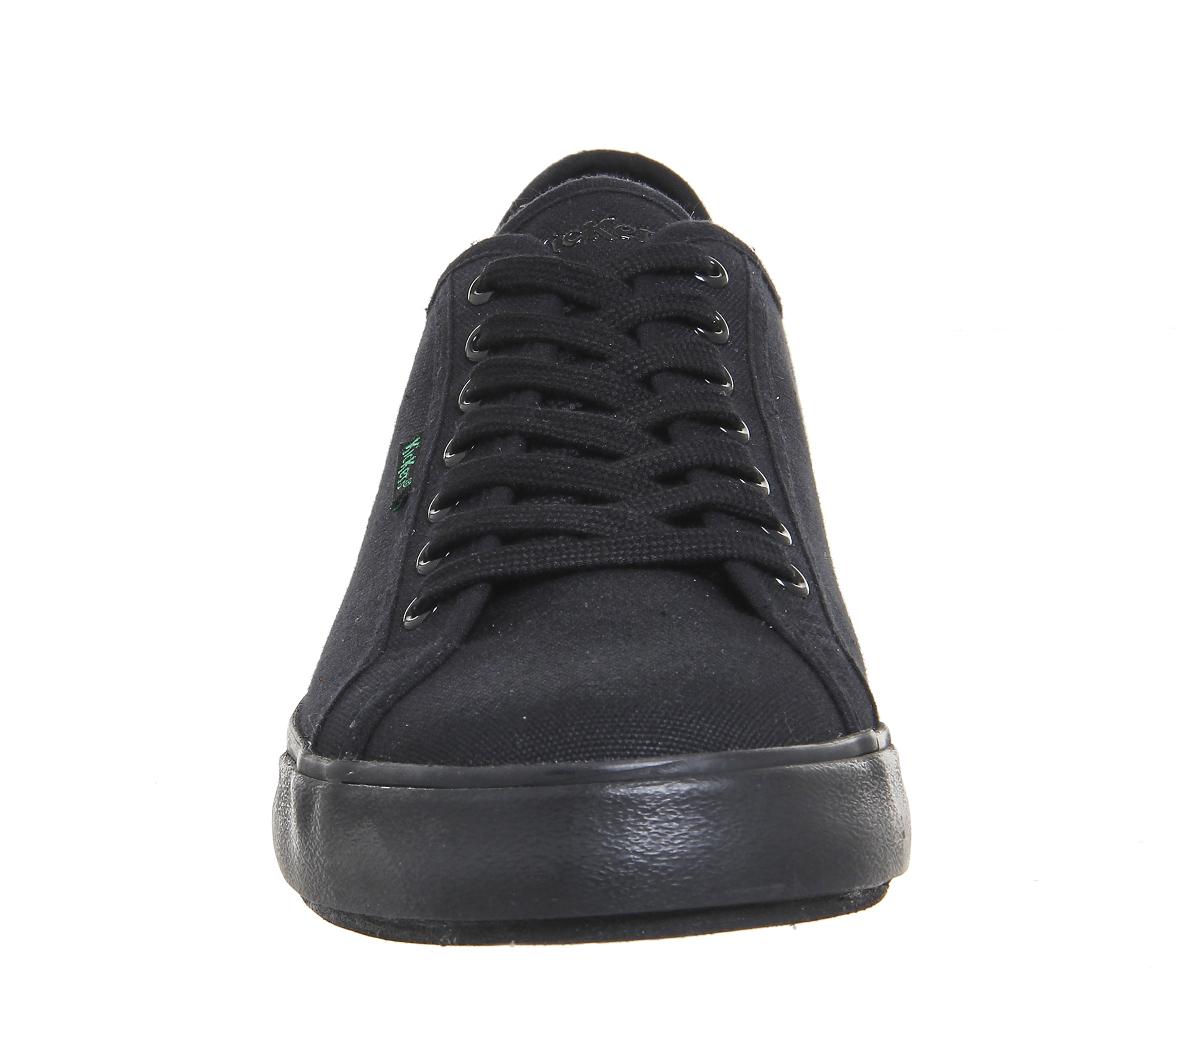 Herren Herren Herren Kickers Tovni Lacer Sneakers BLACK CANVAS Casual Schuhes b227e6